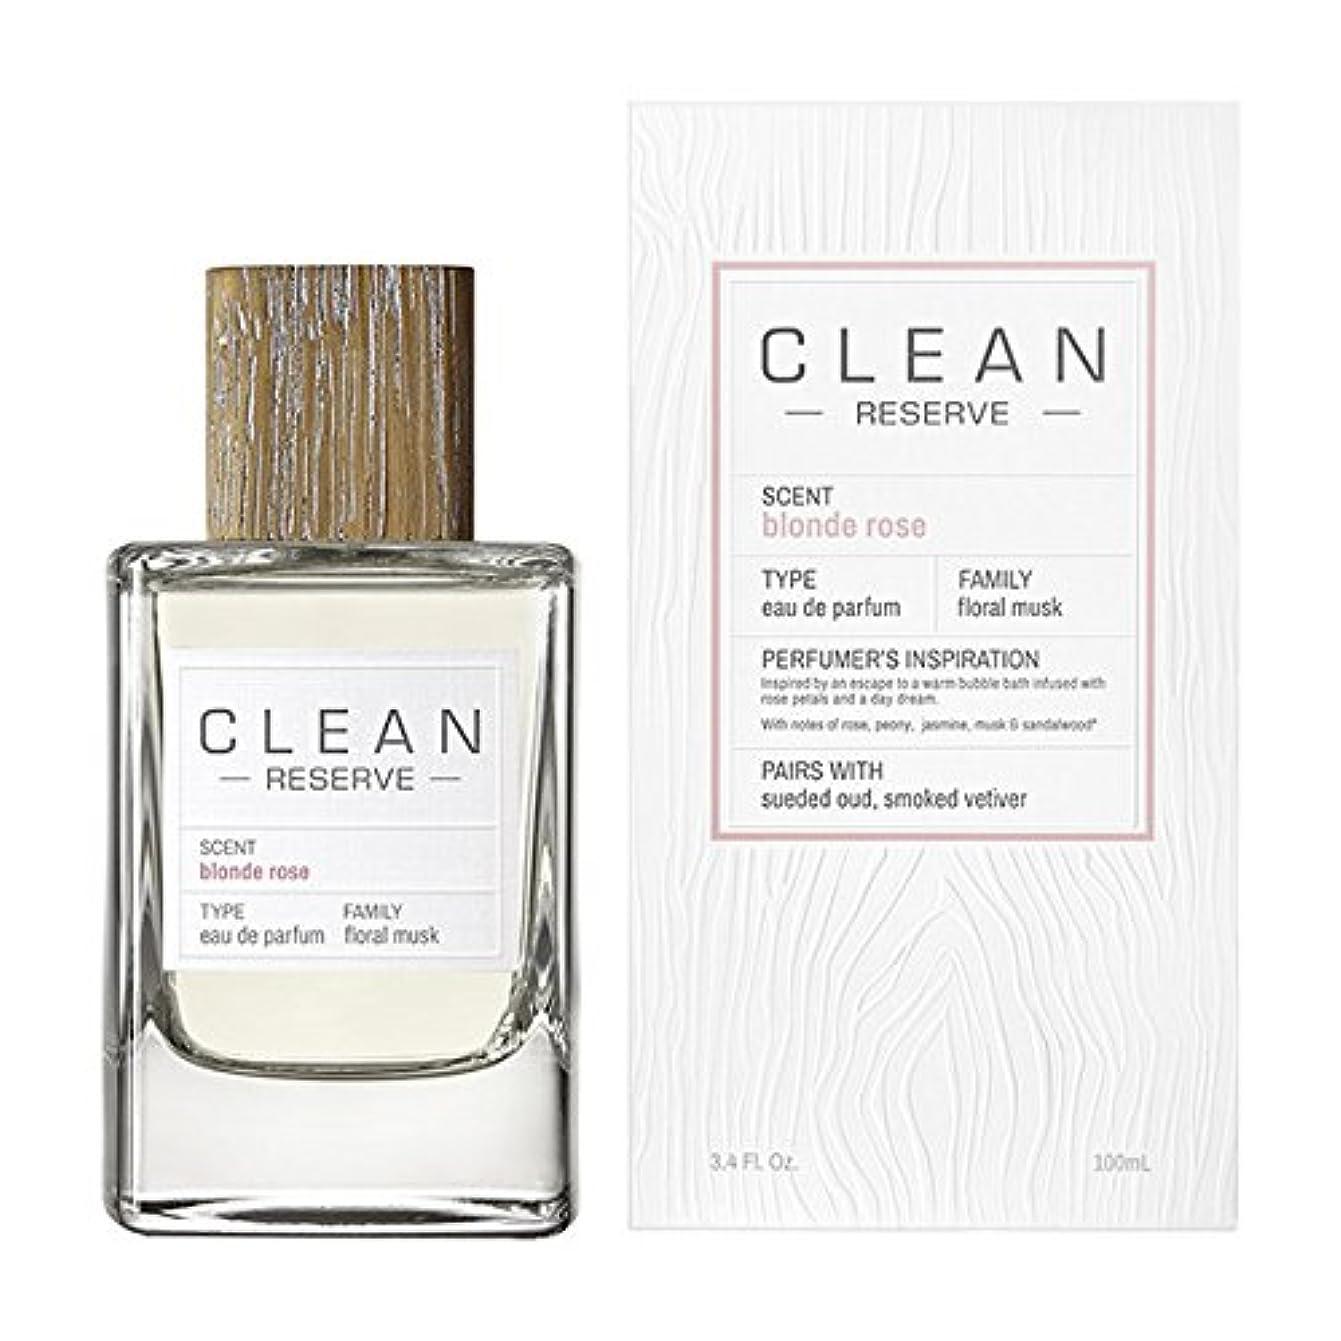 素人摂氏度畝間◆【CLEAN】Unisex香水◆クリーン リザーブ ブロンドローズ オードパルファムEDP 100ml◆